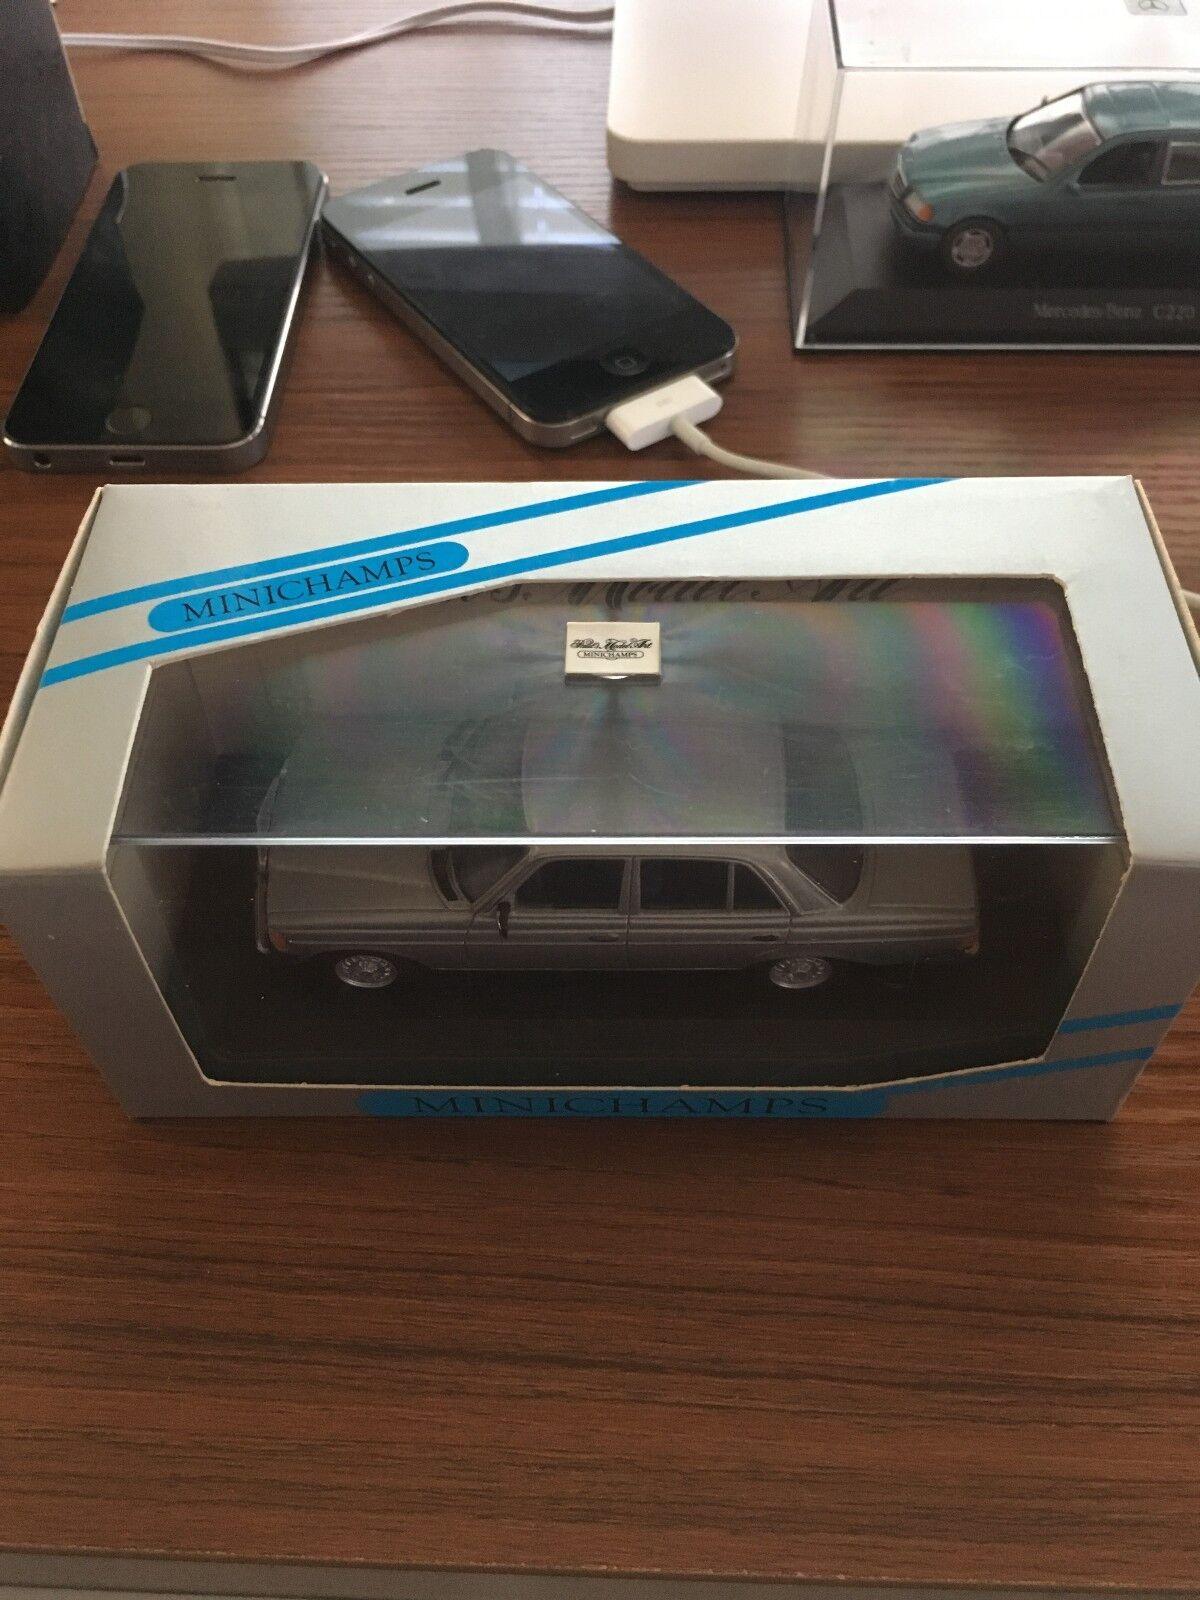 MERCEDES-BENZ W123 LIMOUSINE 280 E argent 1976 Minichamps